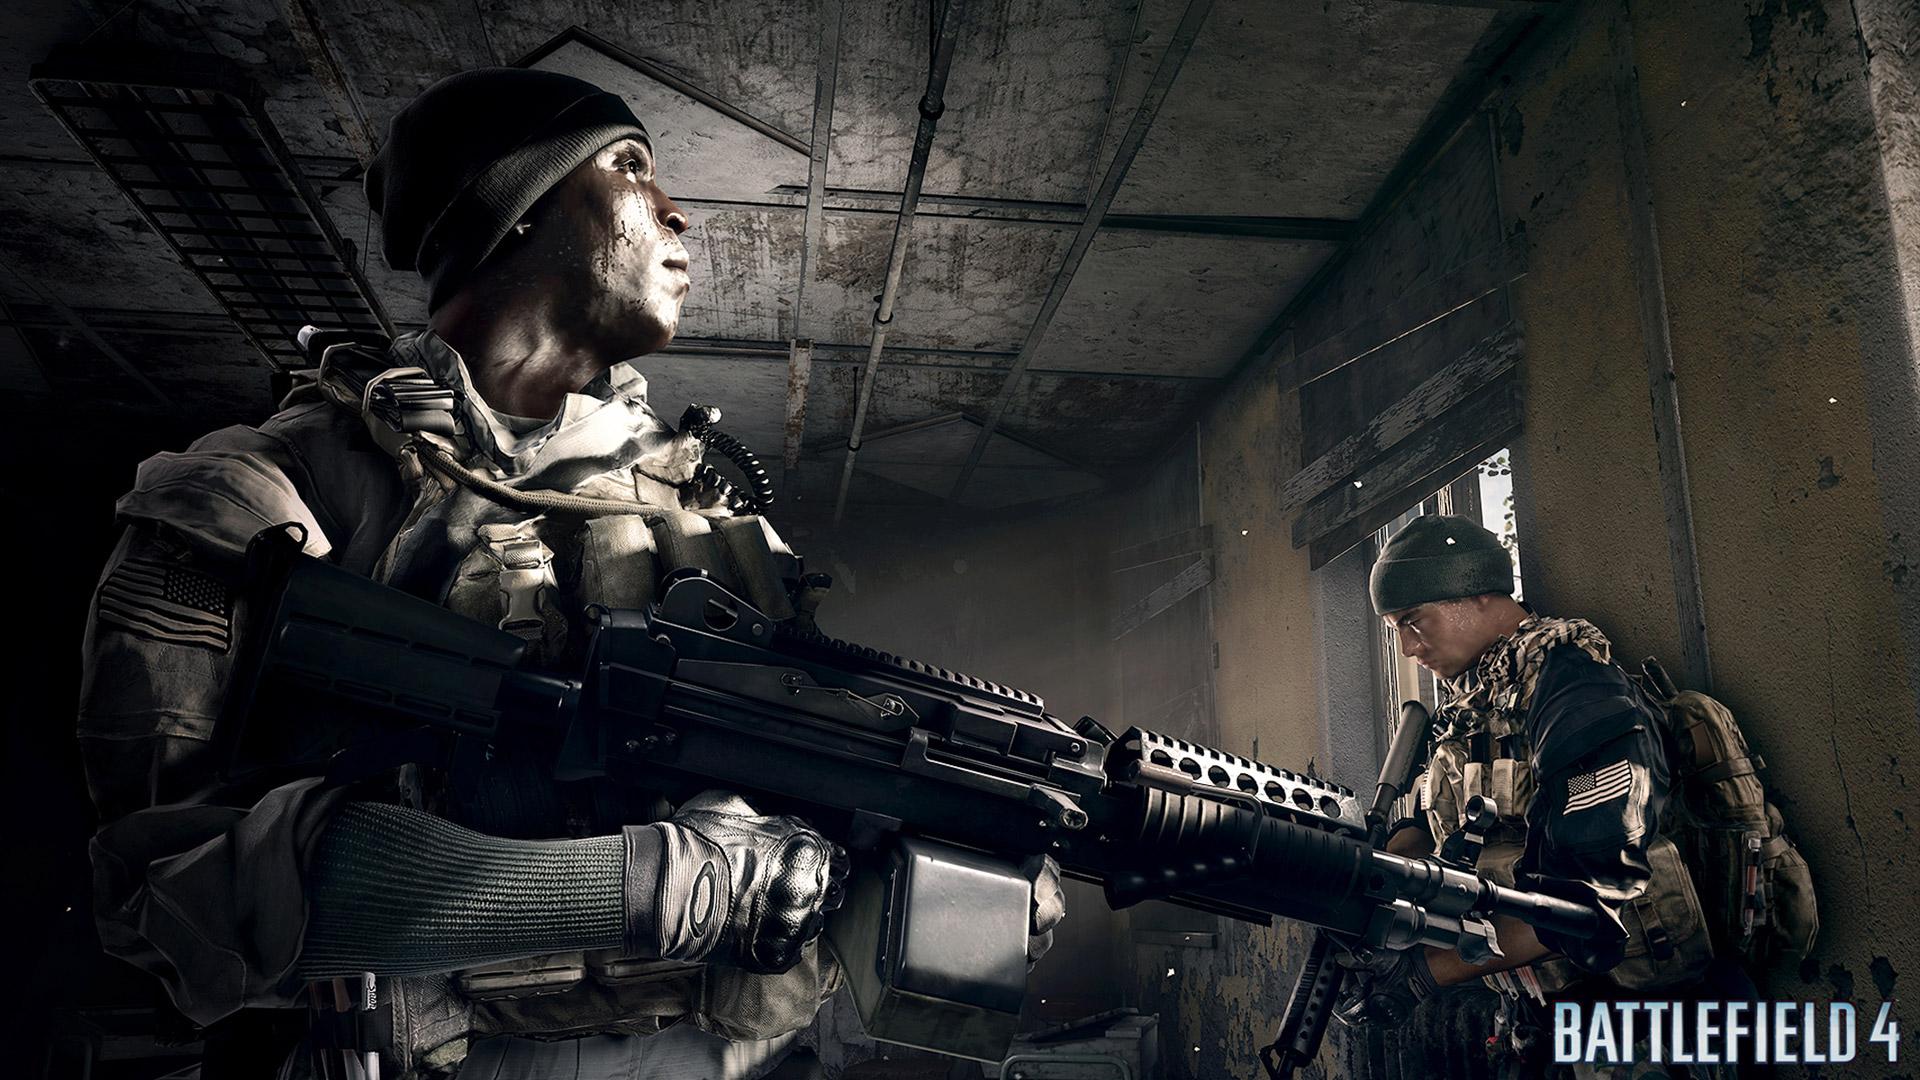 Free Battlefield 4 Wallpaper in 1920x1080